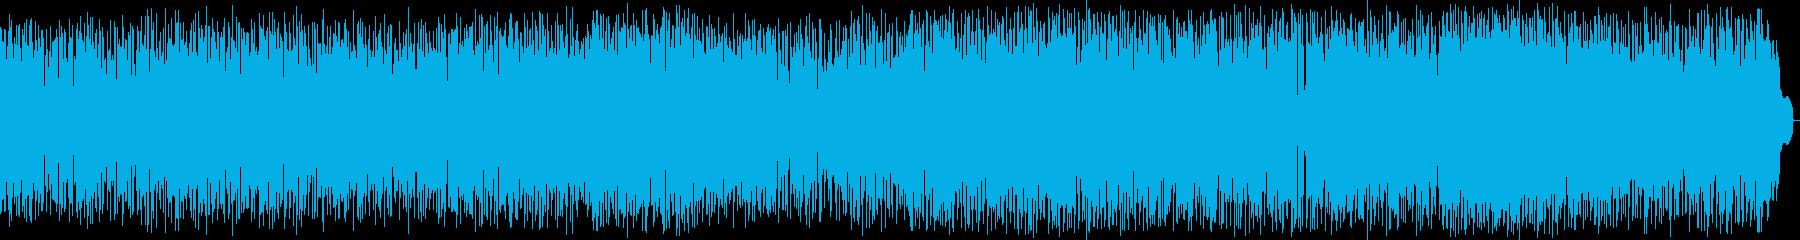 北欧風の明るく軽いケルトポップの再生済みの波形